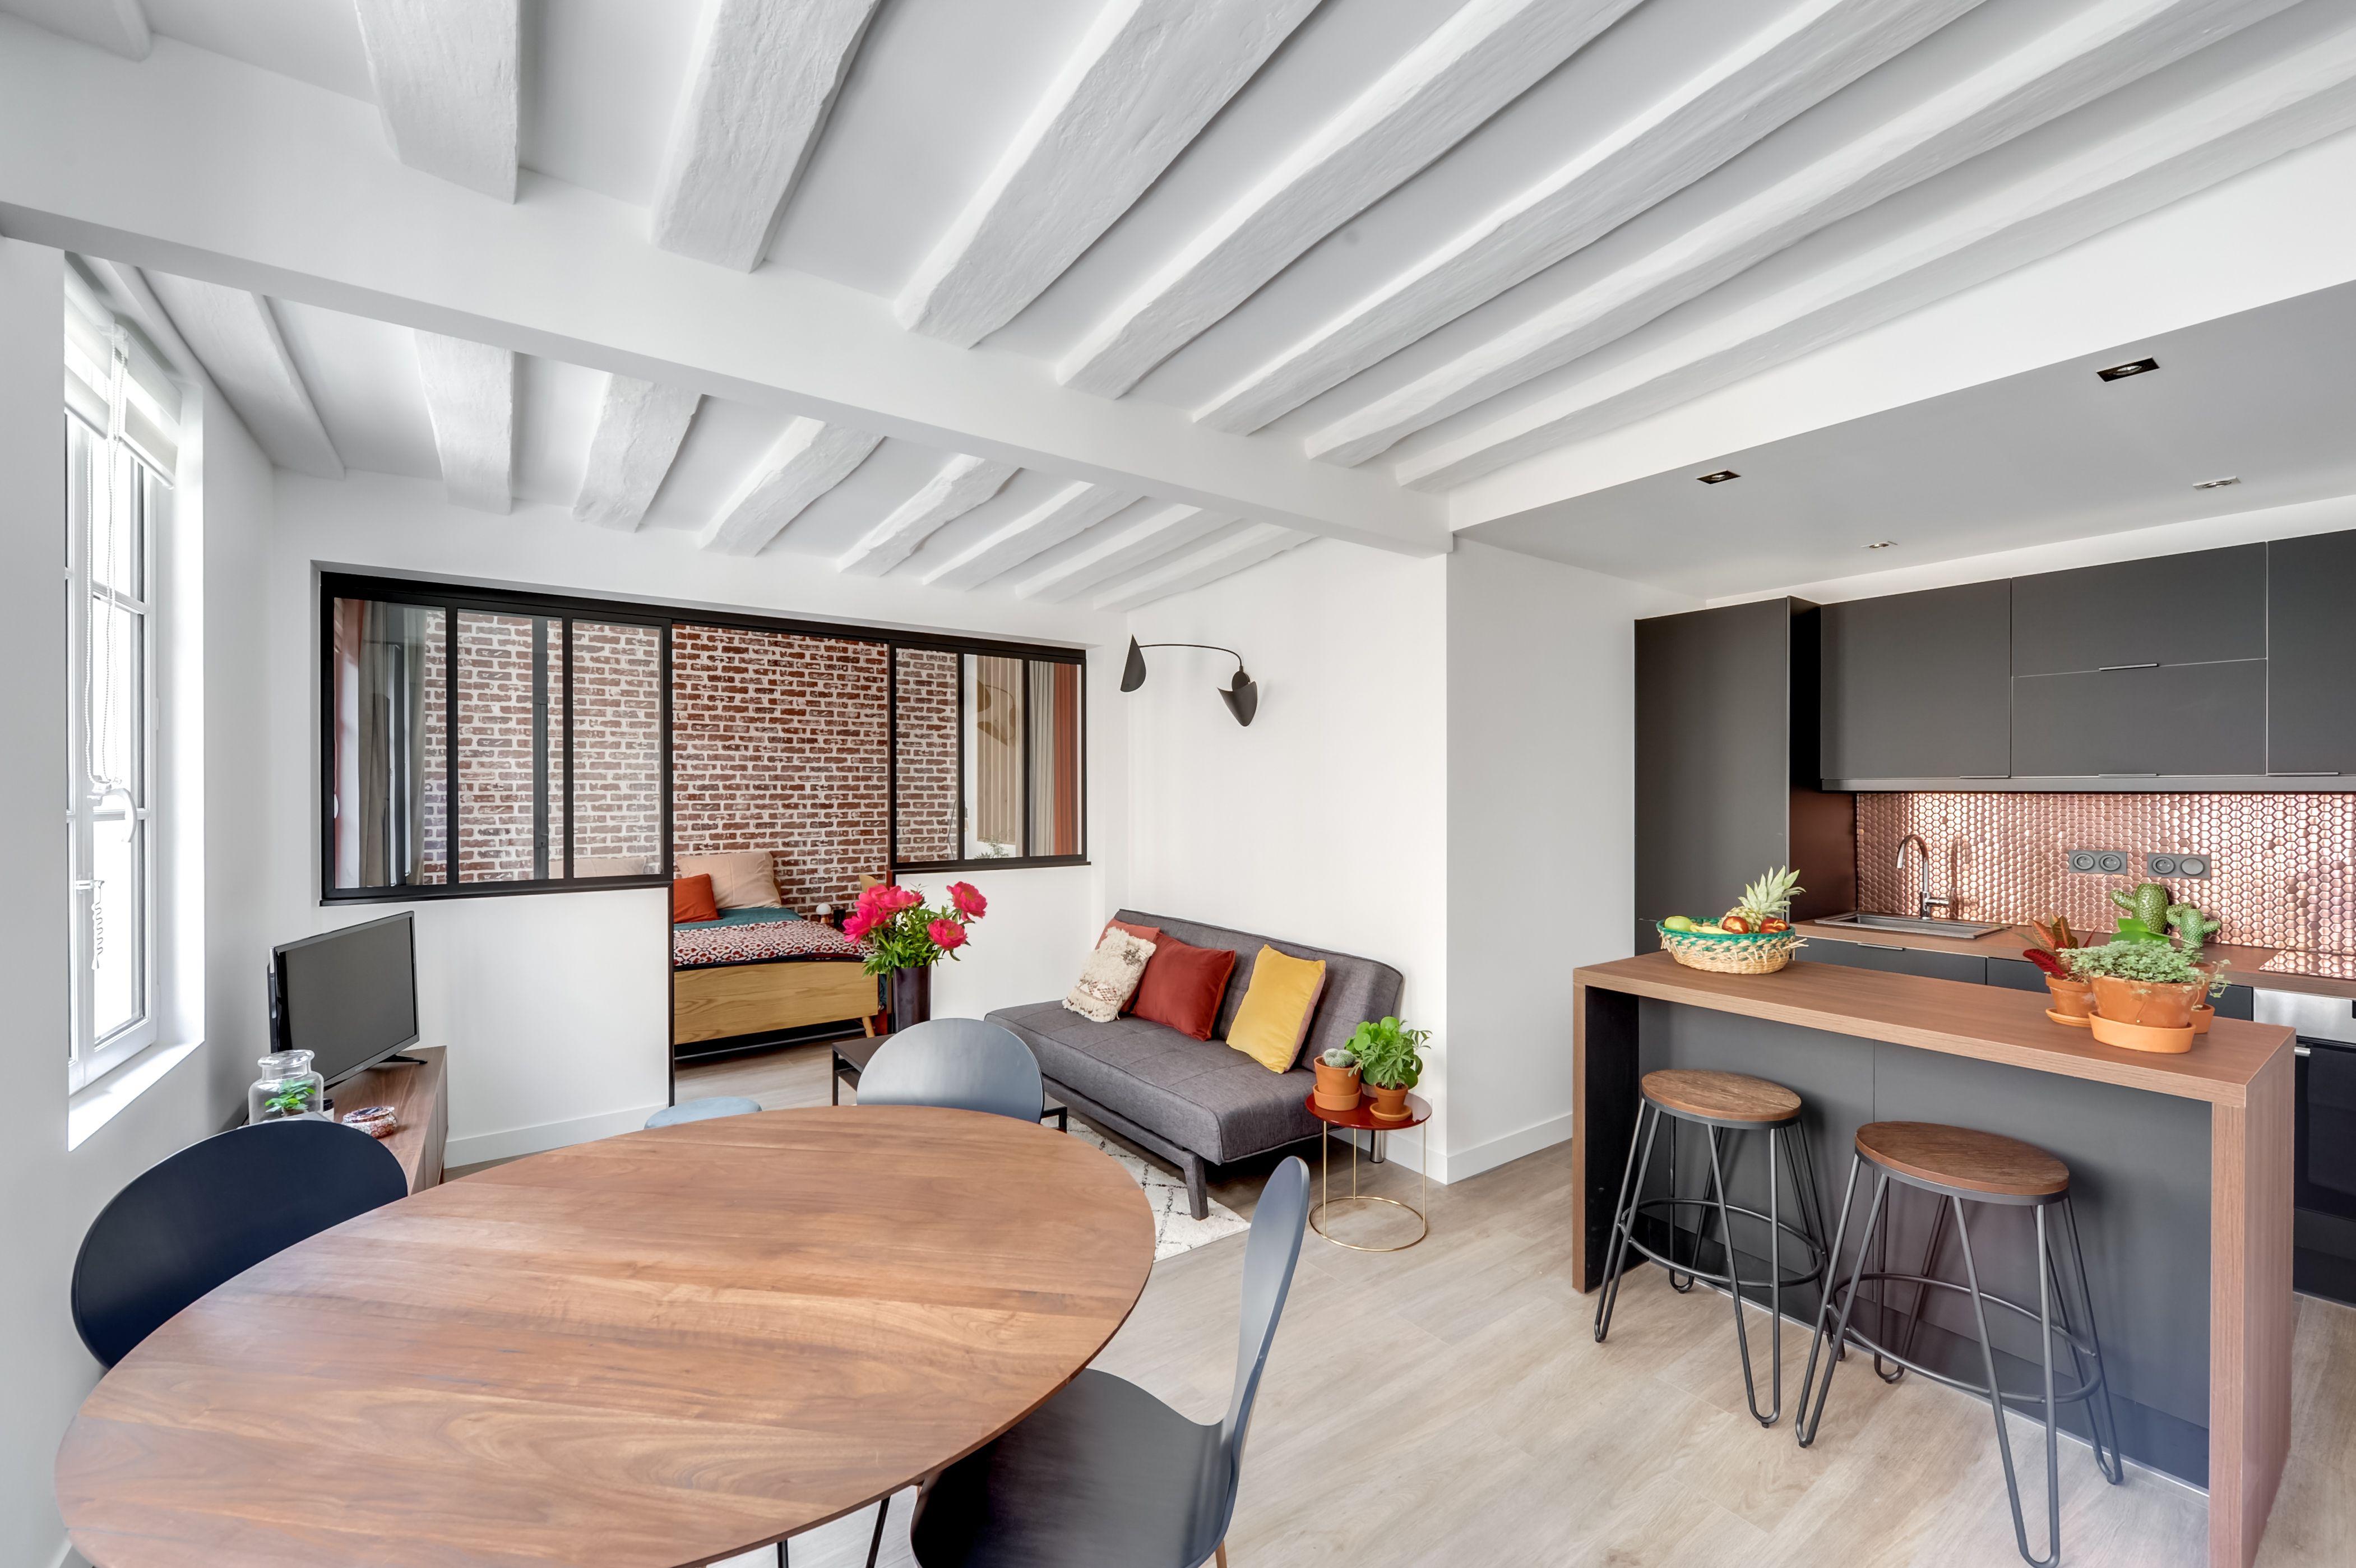 Salle manger cuisine salon r novation compl te d 39 un Salon salle a manger design